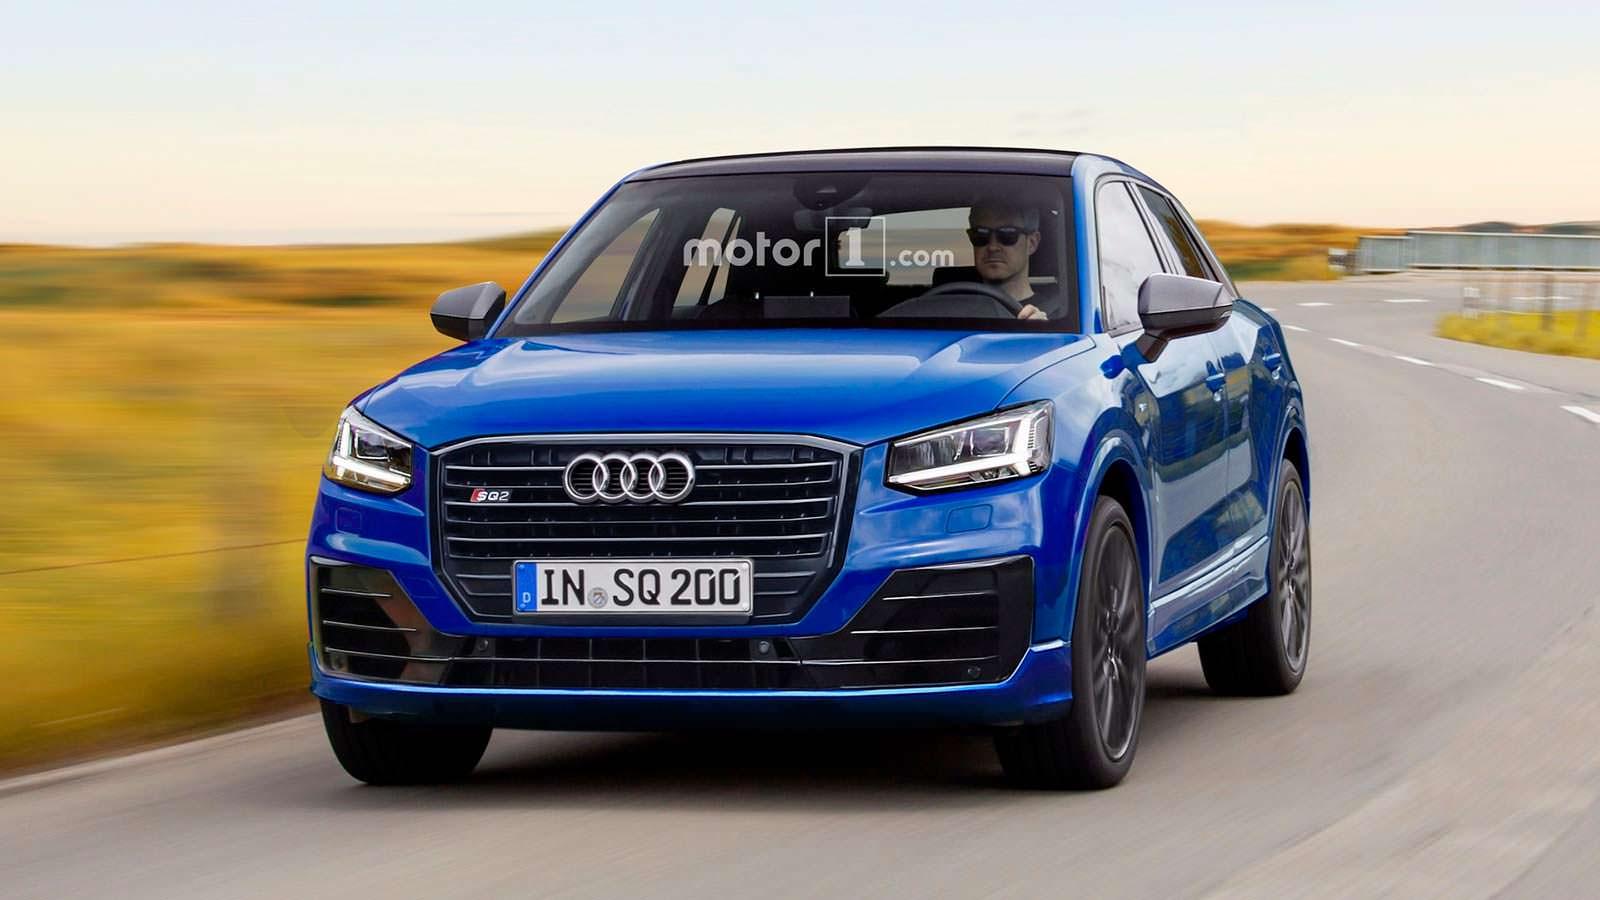 Фото | Audi SQ2, неофициально от motor1.com